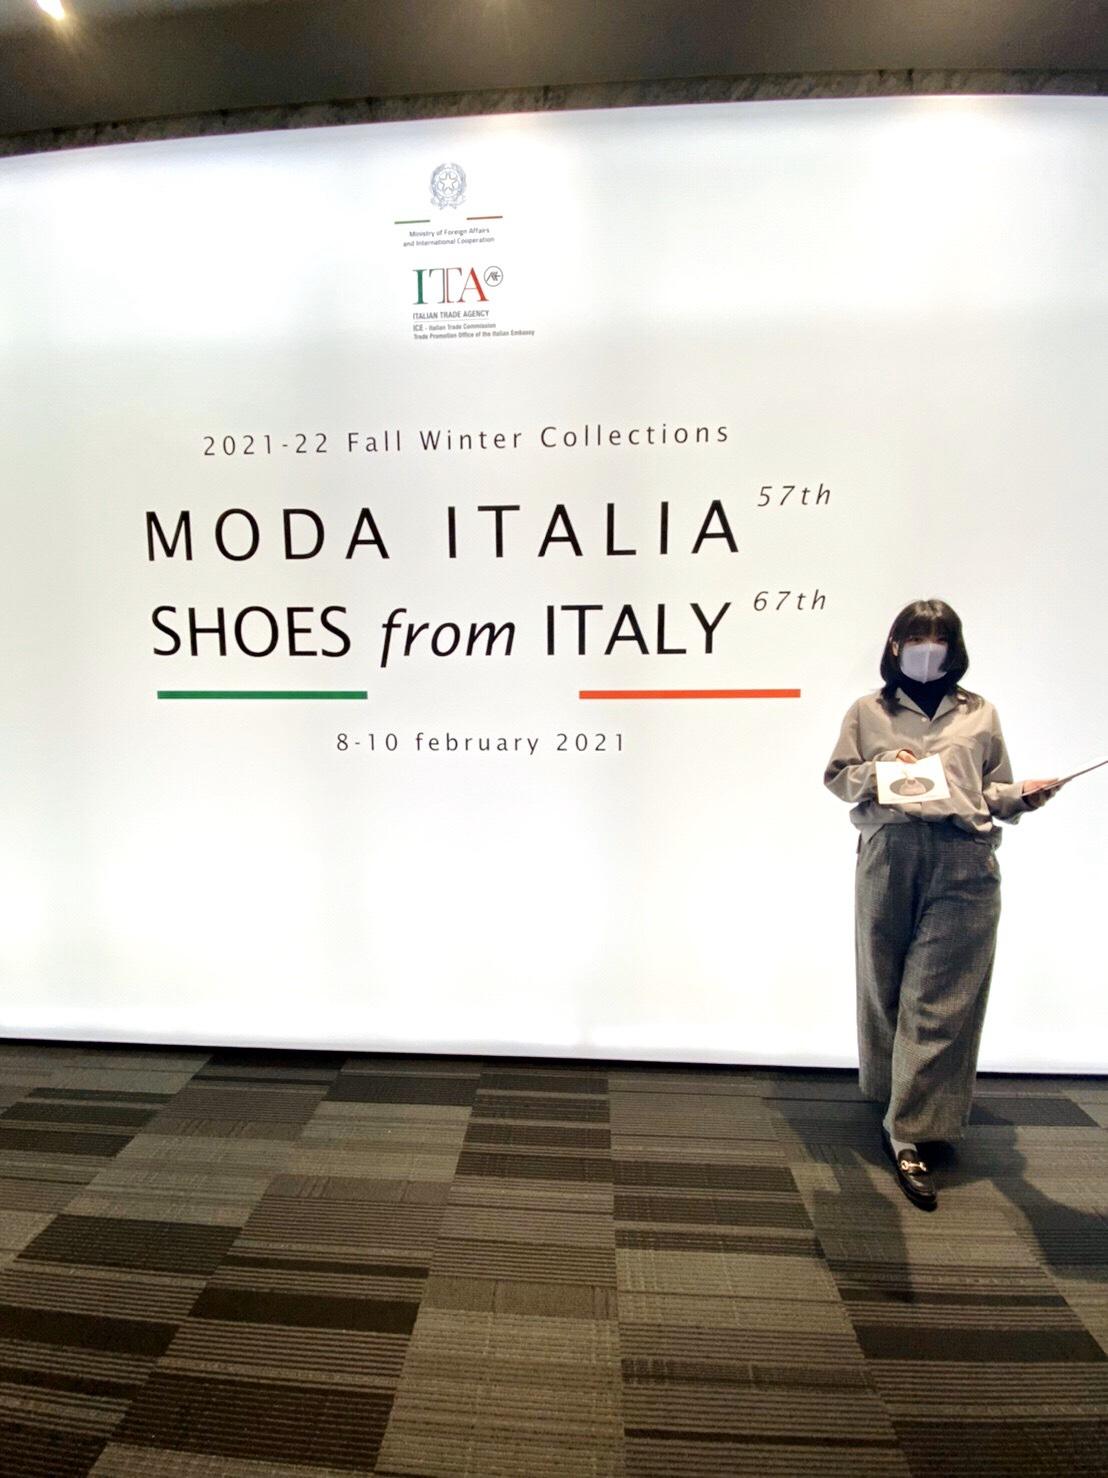 モーダ・イタリア展&シューズ・フロム・イタリー展@ベルサール渋谷ガーデン